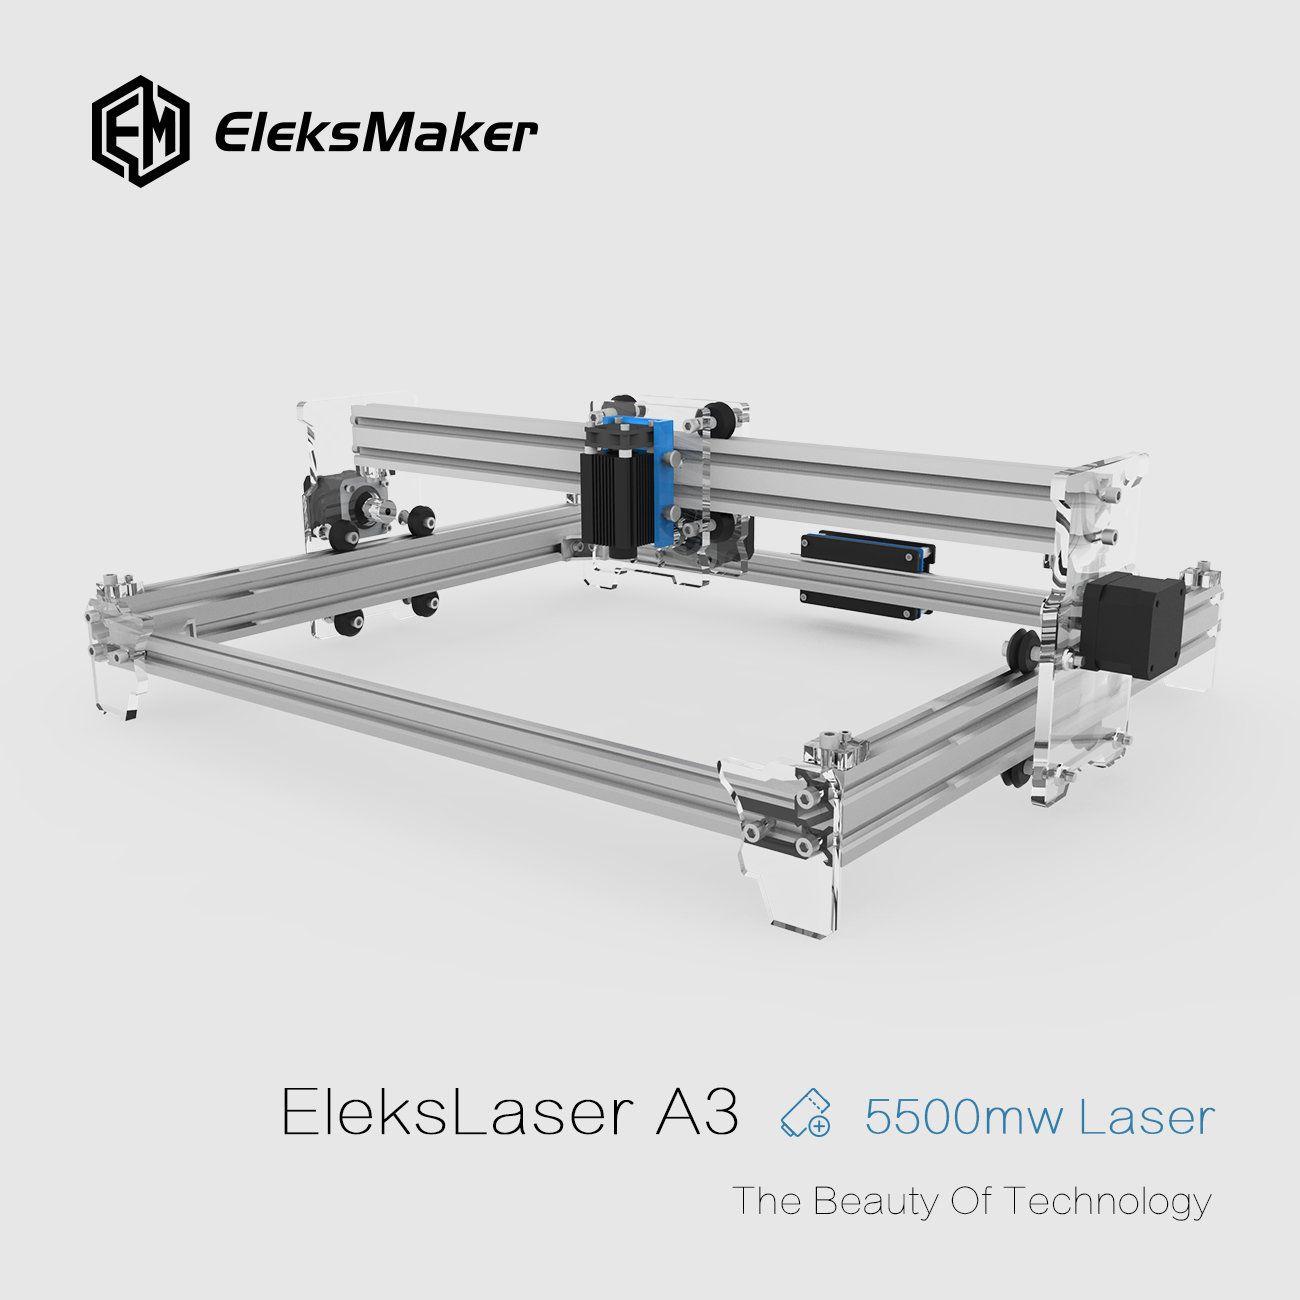 Eleksmaker Elekslaser A3 Pro 5500mw Laser Engraving Machine Cnc Laser Printer Sale Banggood Mobile Laser Engraving Machine Laser Printer Laser Engraving